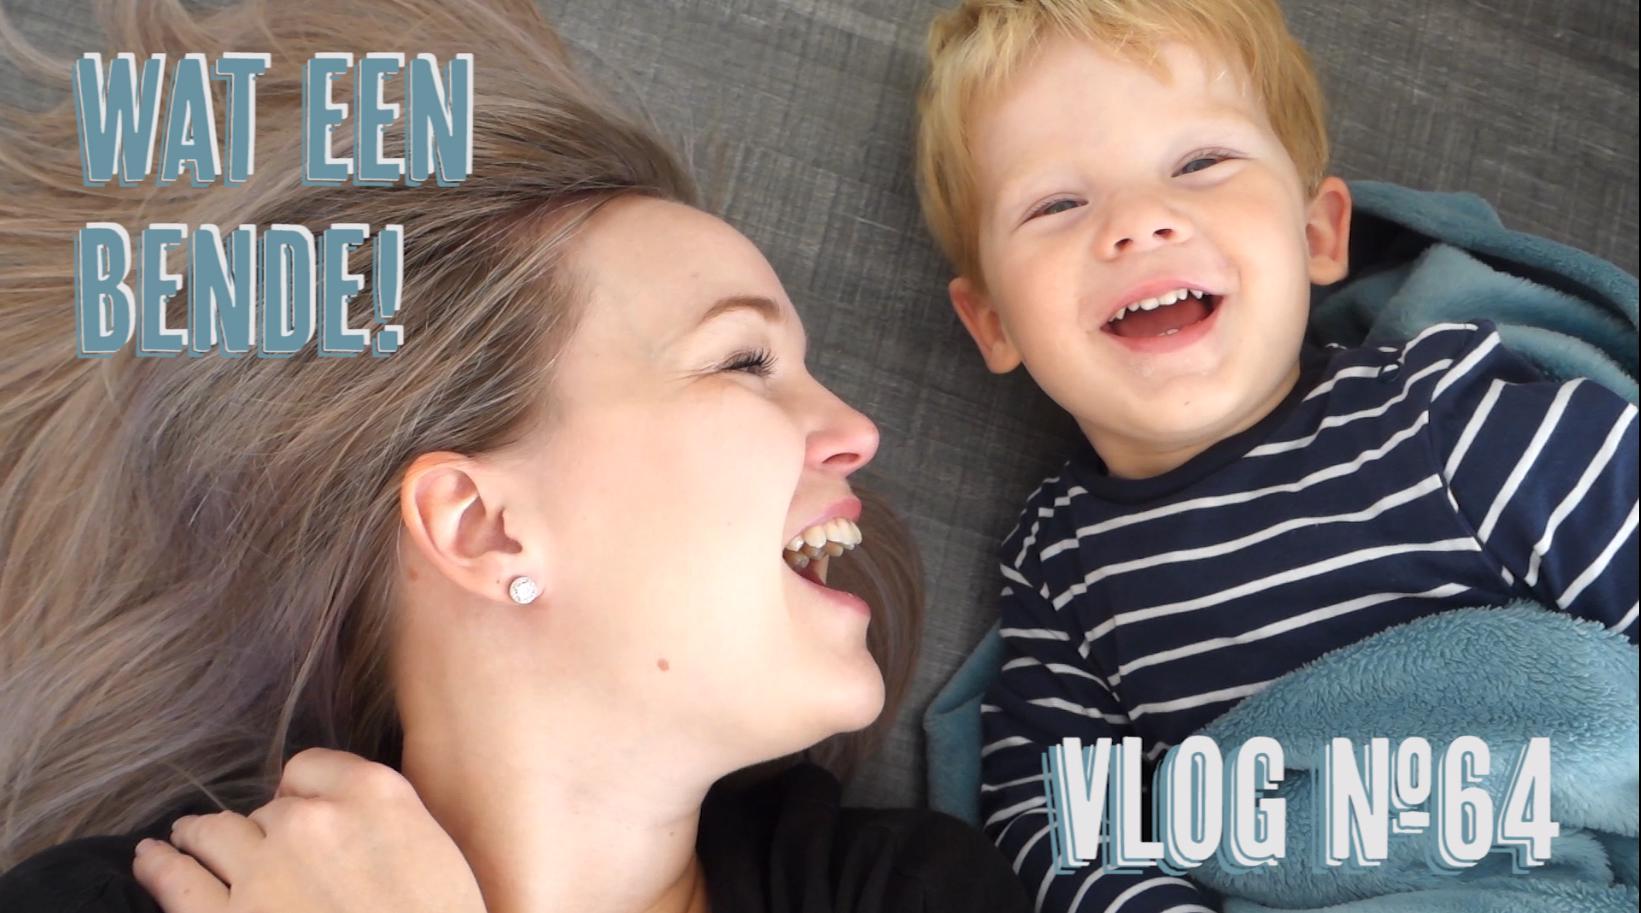 Vlog 64: Wat een (gezellige) bende!